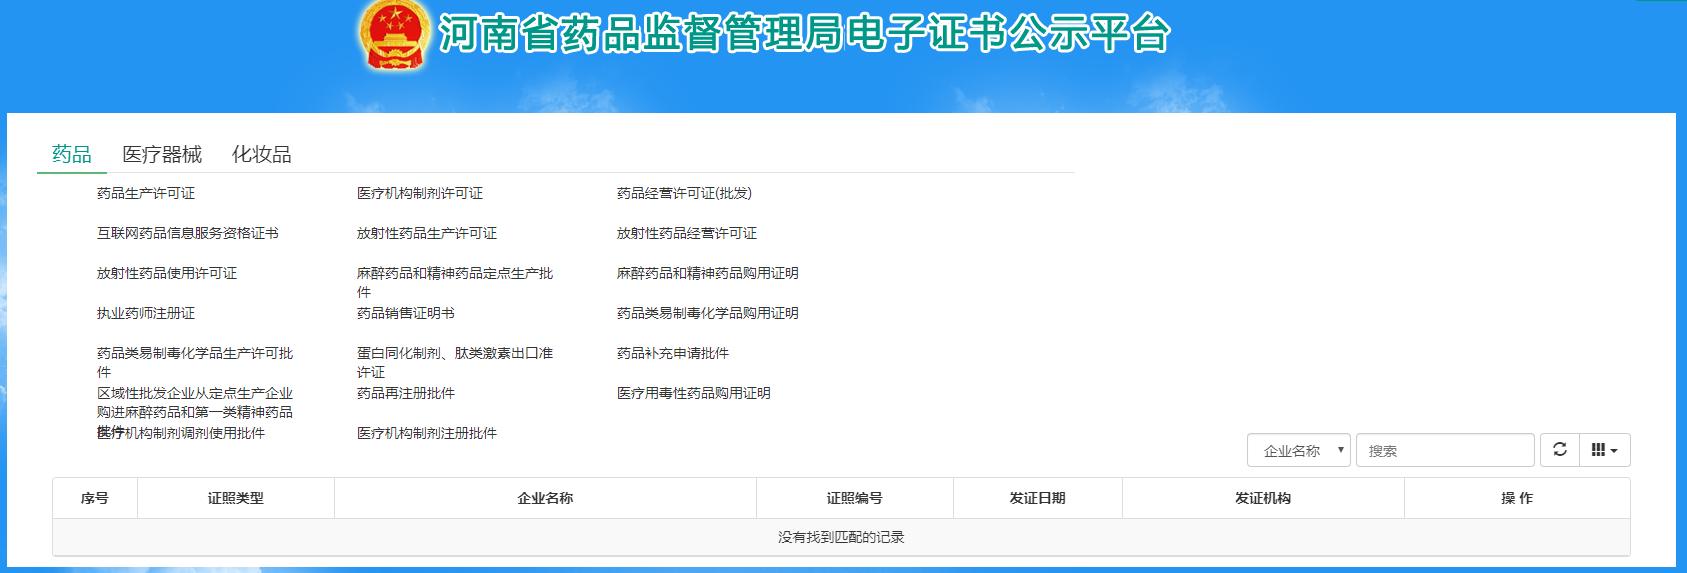 河南省药品监督管理局电子证书公示平台